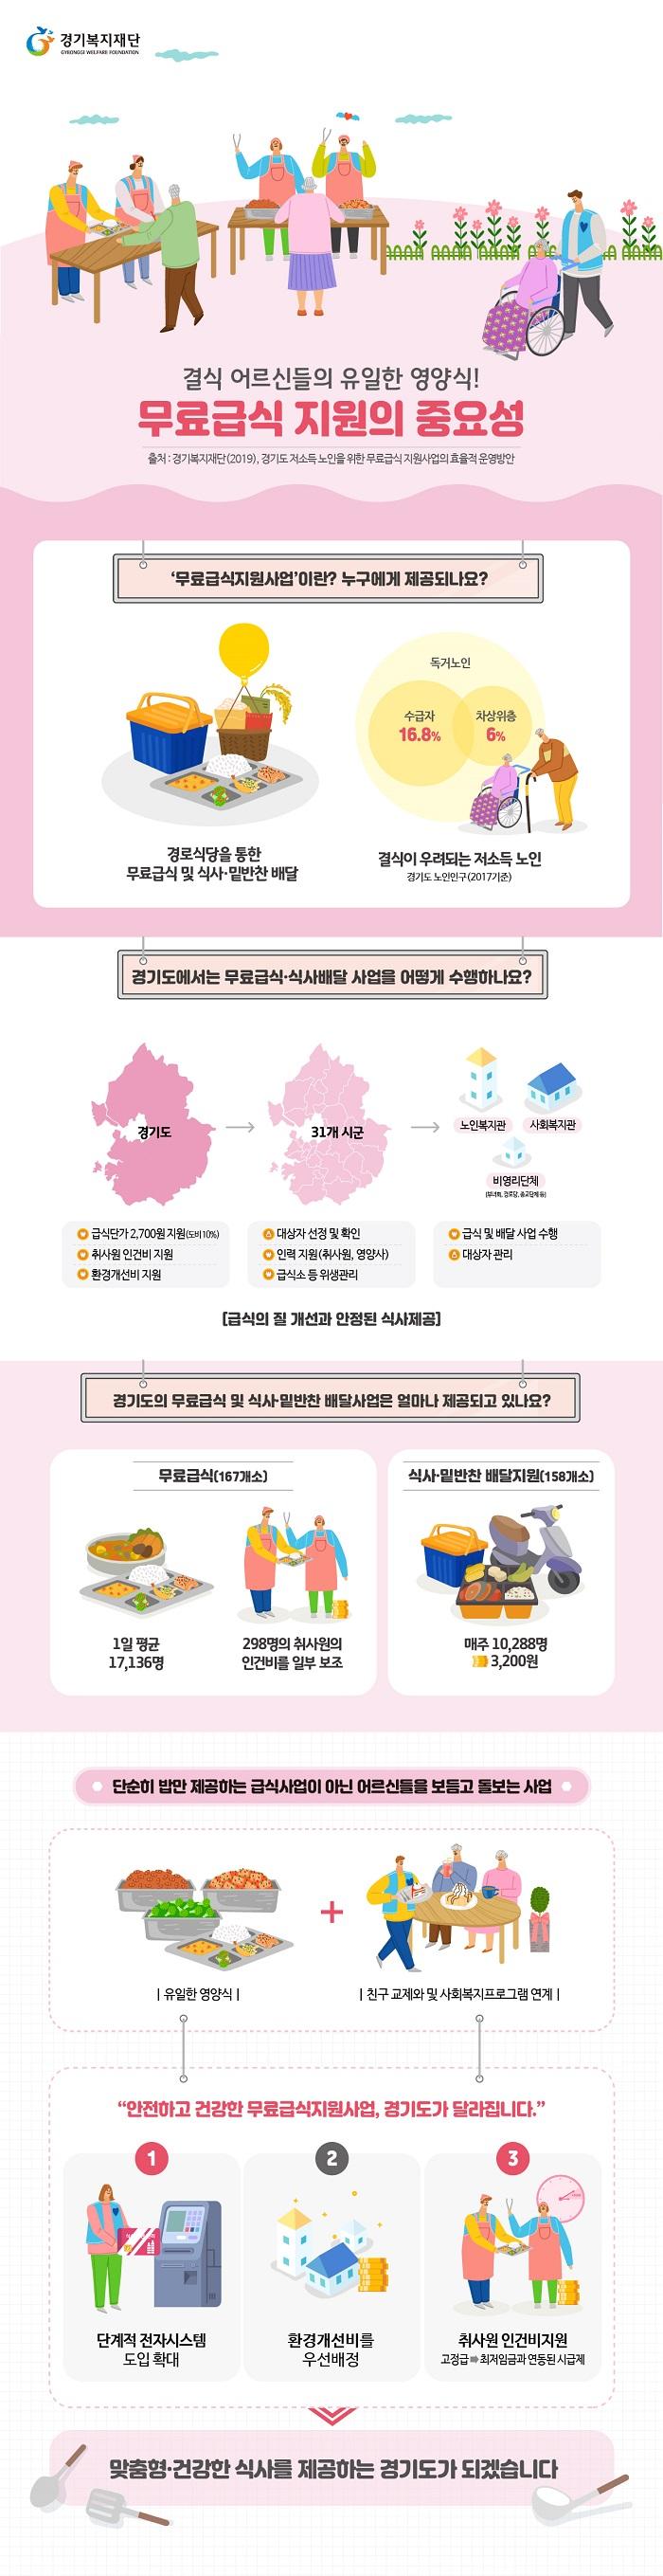 [경기복지 Talk] 경기도 저소득 노인을 위한 무료급식 지원사업의 효율적 운영방안 연구